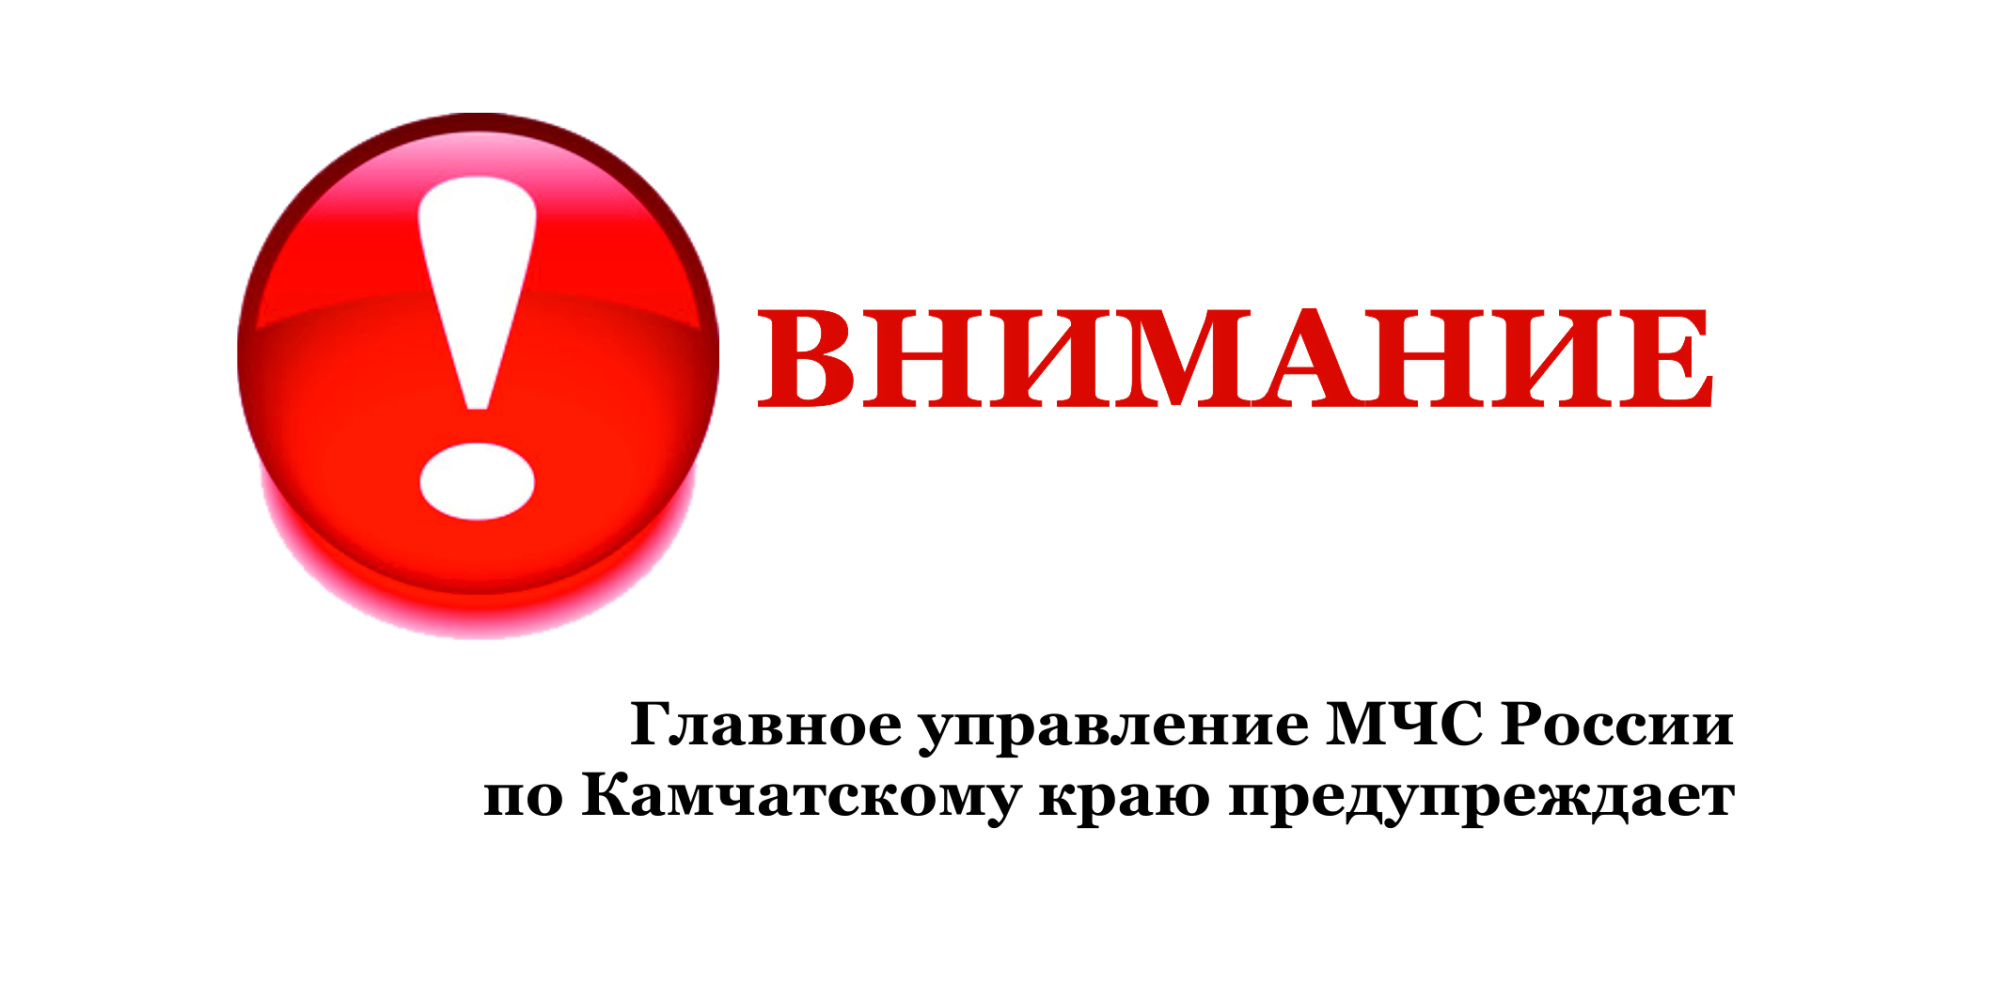 В Мильковском районе повысился класс пожарной опасности до пятого